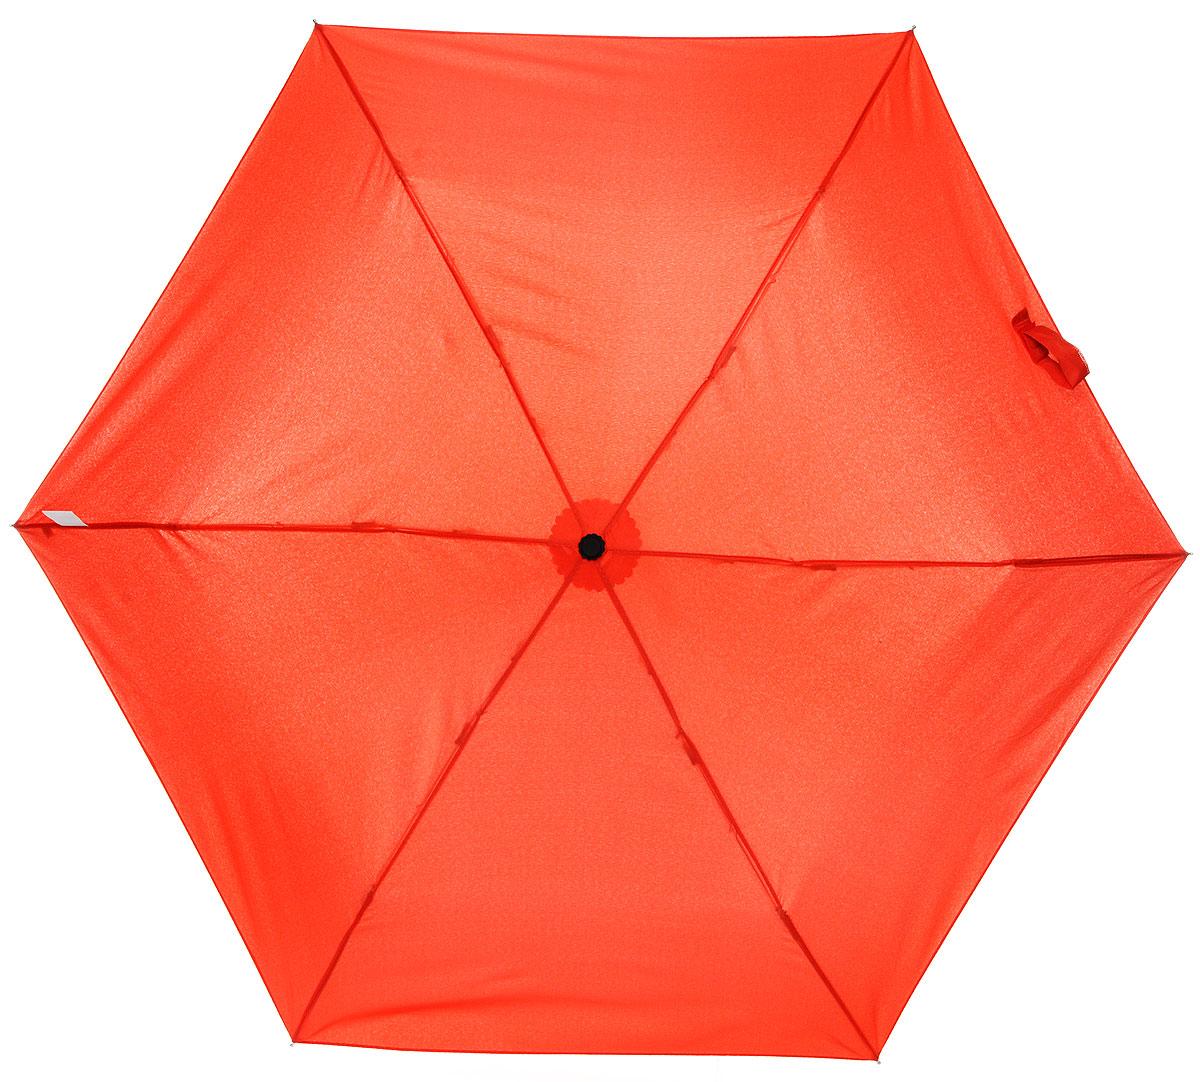 Зонт детский Эврика Перец, механика, 2 сложения, цвет: красный. 96885П300020005-9Оригинальный и яркий детский зонт Эврика станет замечательным подарком для вашего ребенка.Изделие имеет механический способ сложения: и купол, и стержень открываются и закрываются вручную до характерного щелчка. Зонт состоит из шести спиц и стержня, изготовленных из металла. Яркий купол выполнен из качественного нейлона, который не пропускает воду. Зонт дополнен чехлом из пластика, имитирующим перец. Ручка выполнена в виде черенка перца.Компактный пластиковый чехол предохраняет зонт от повреждений.Оригинальный дизайн зонта поднимет настроение не только вам, но и окружающим.